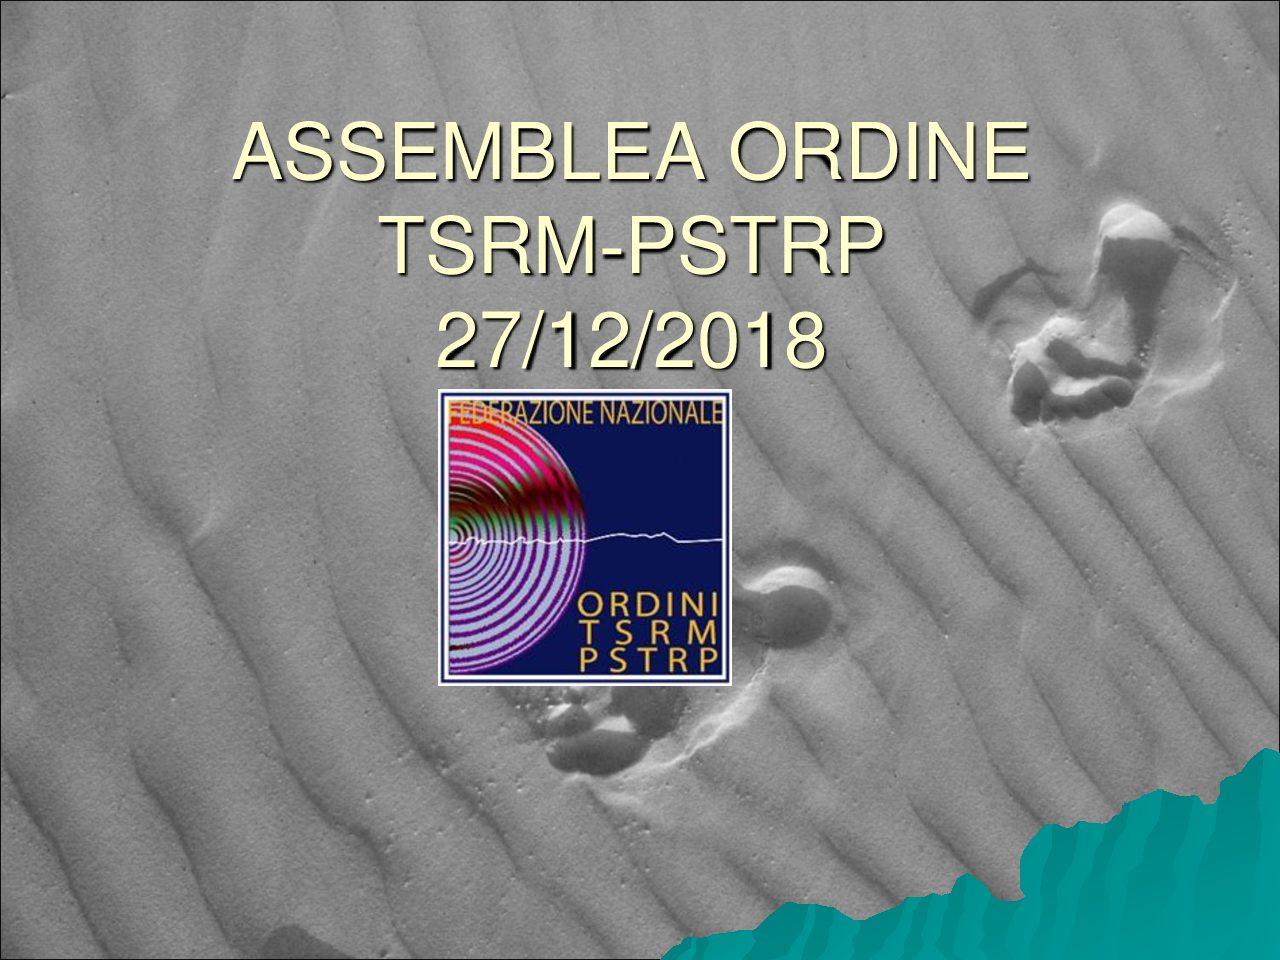 PRIMA ASSEMBLEA DELL'ORDINE TSRM-PSTRP 27/12/2018